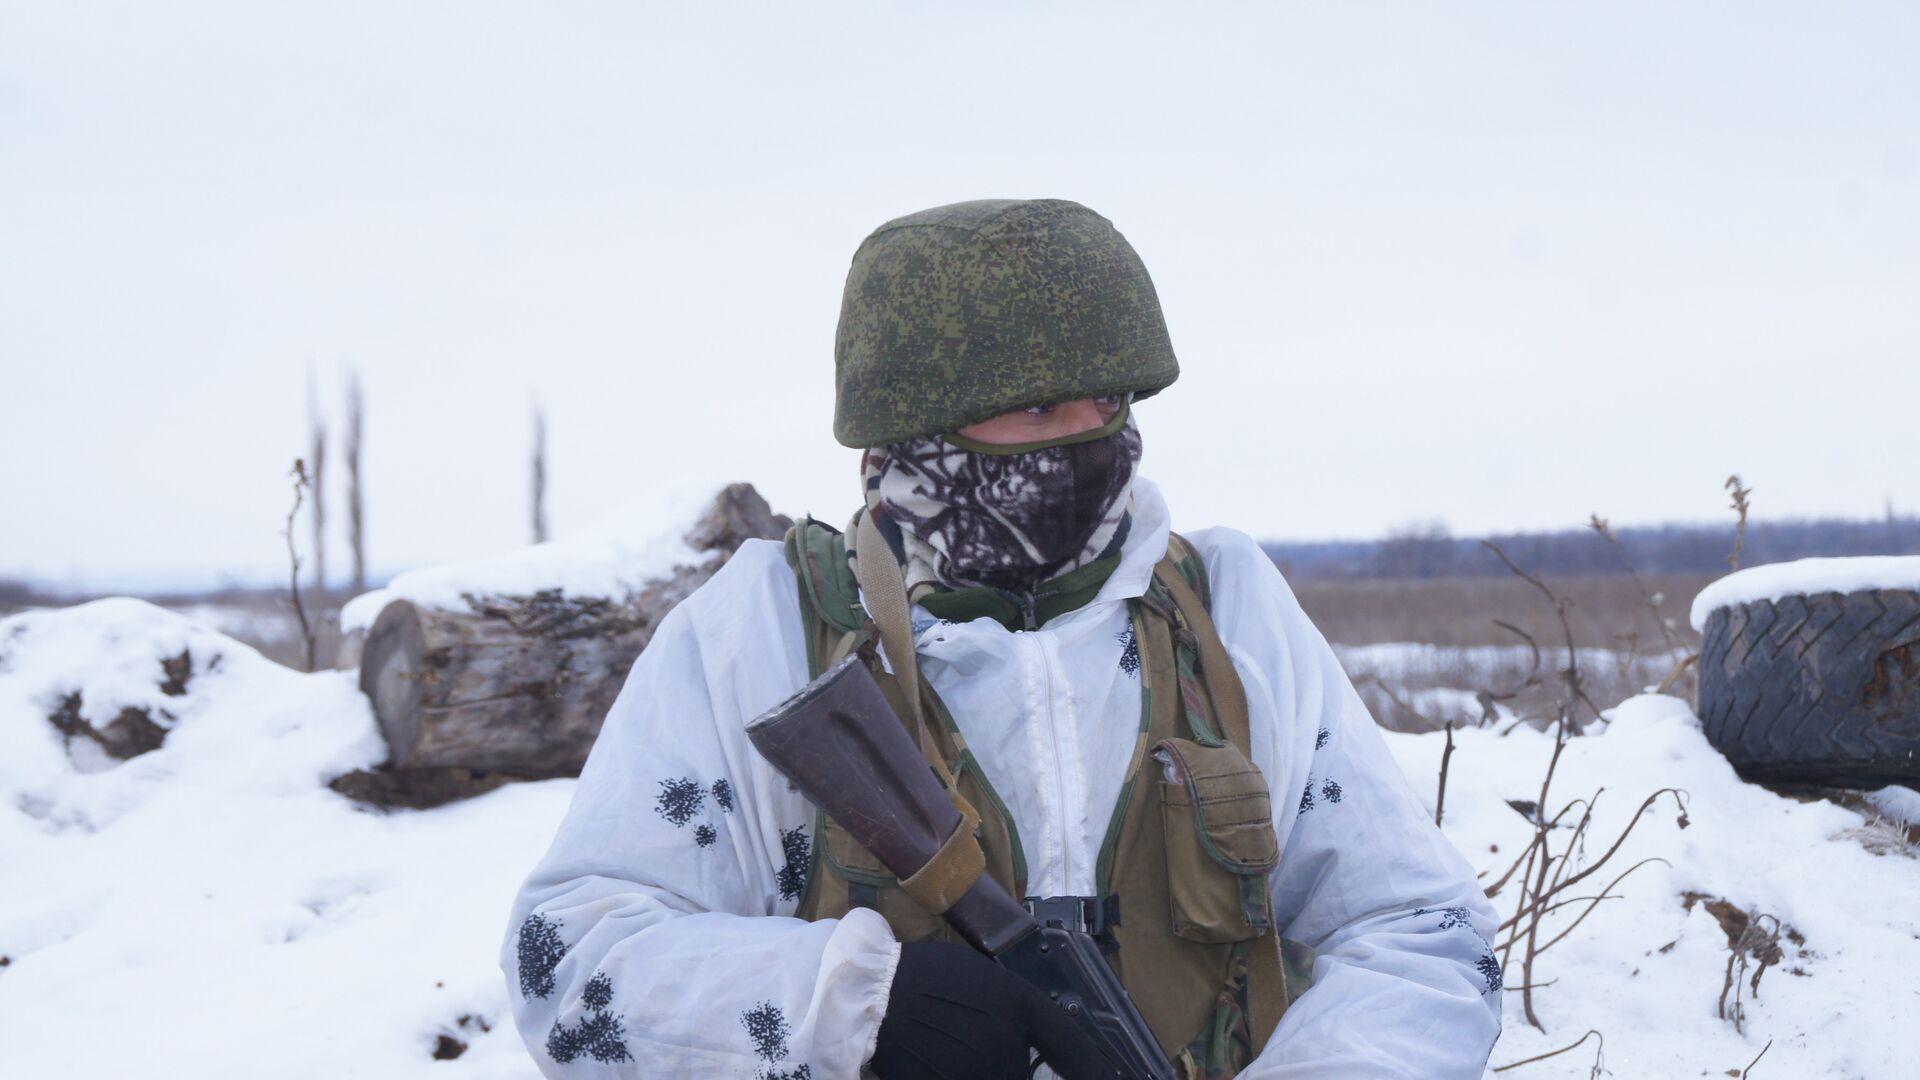 Военнослужащий Народной милиции ЛНР на передовой позиции в Донбассе - РИА Новости, 1920, 10.03.2021